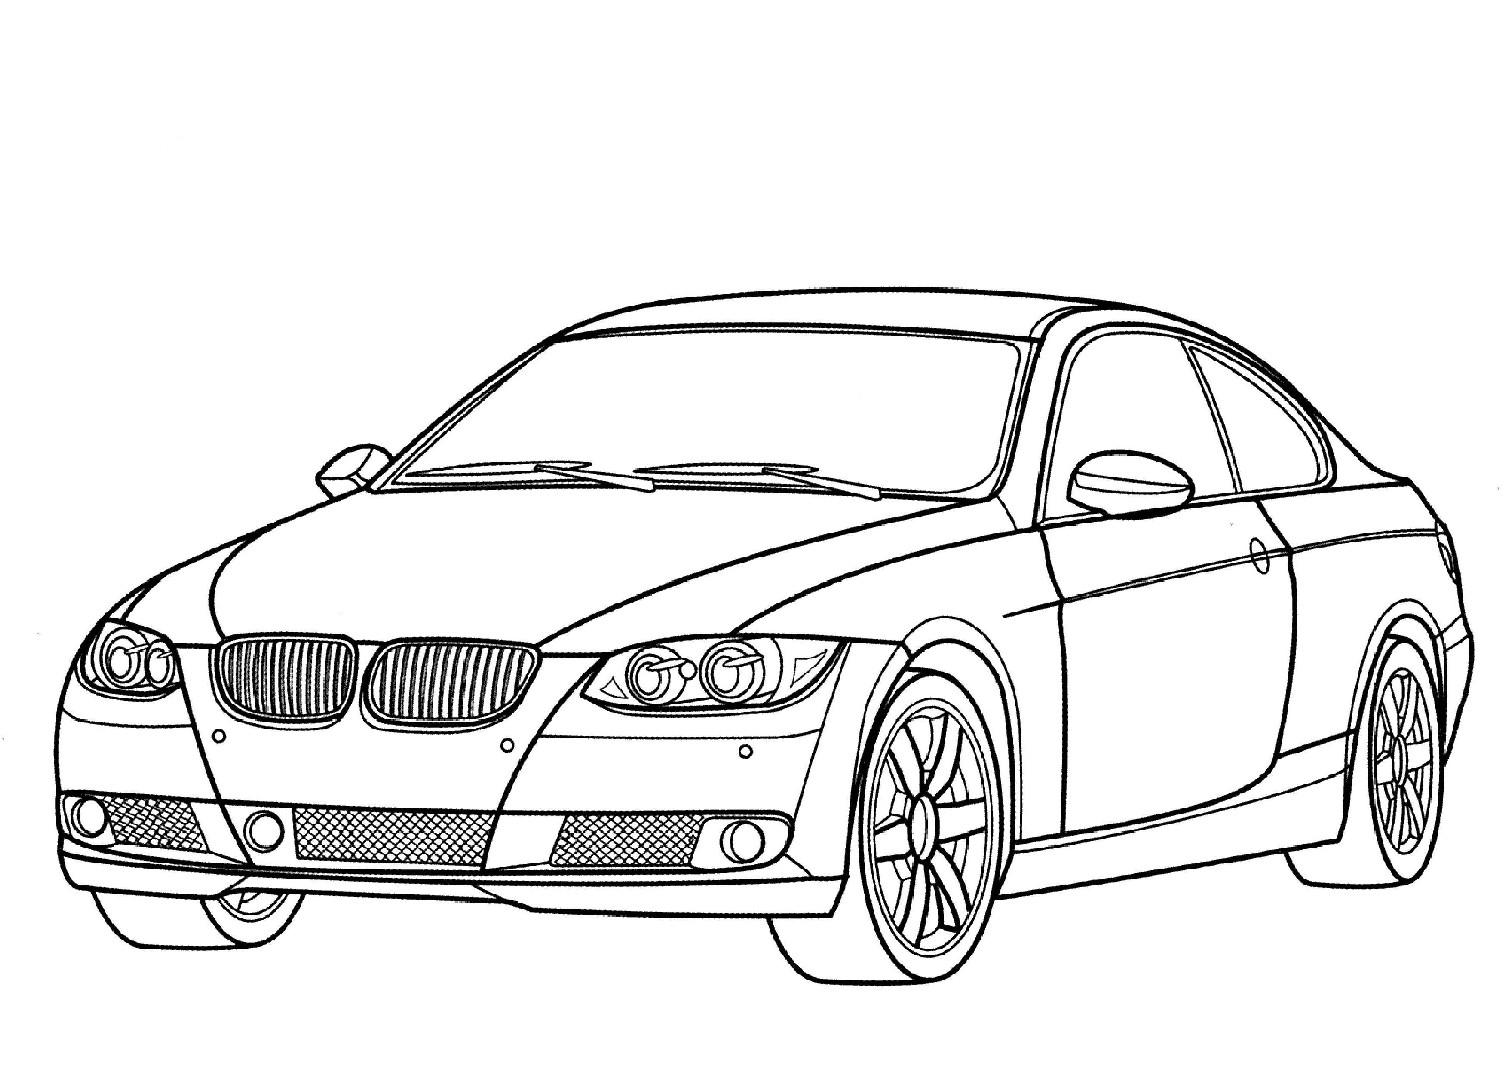 Coloriage voiture BMW à imprimer